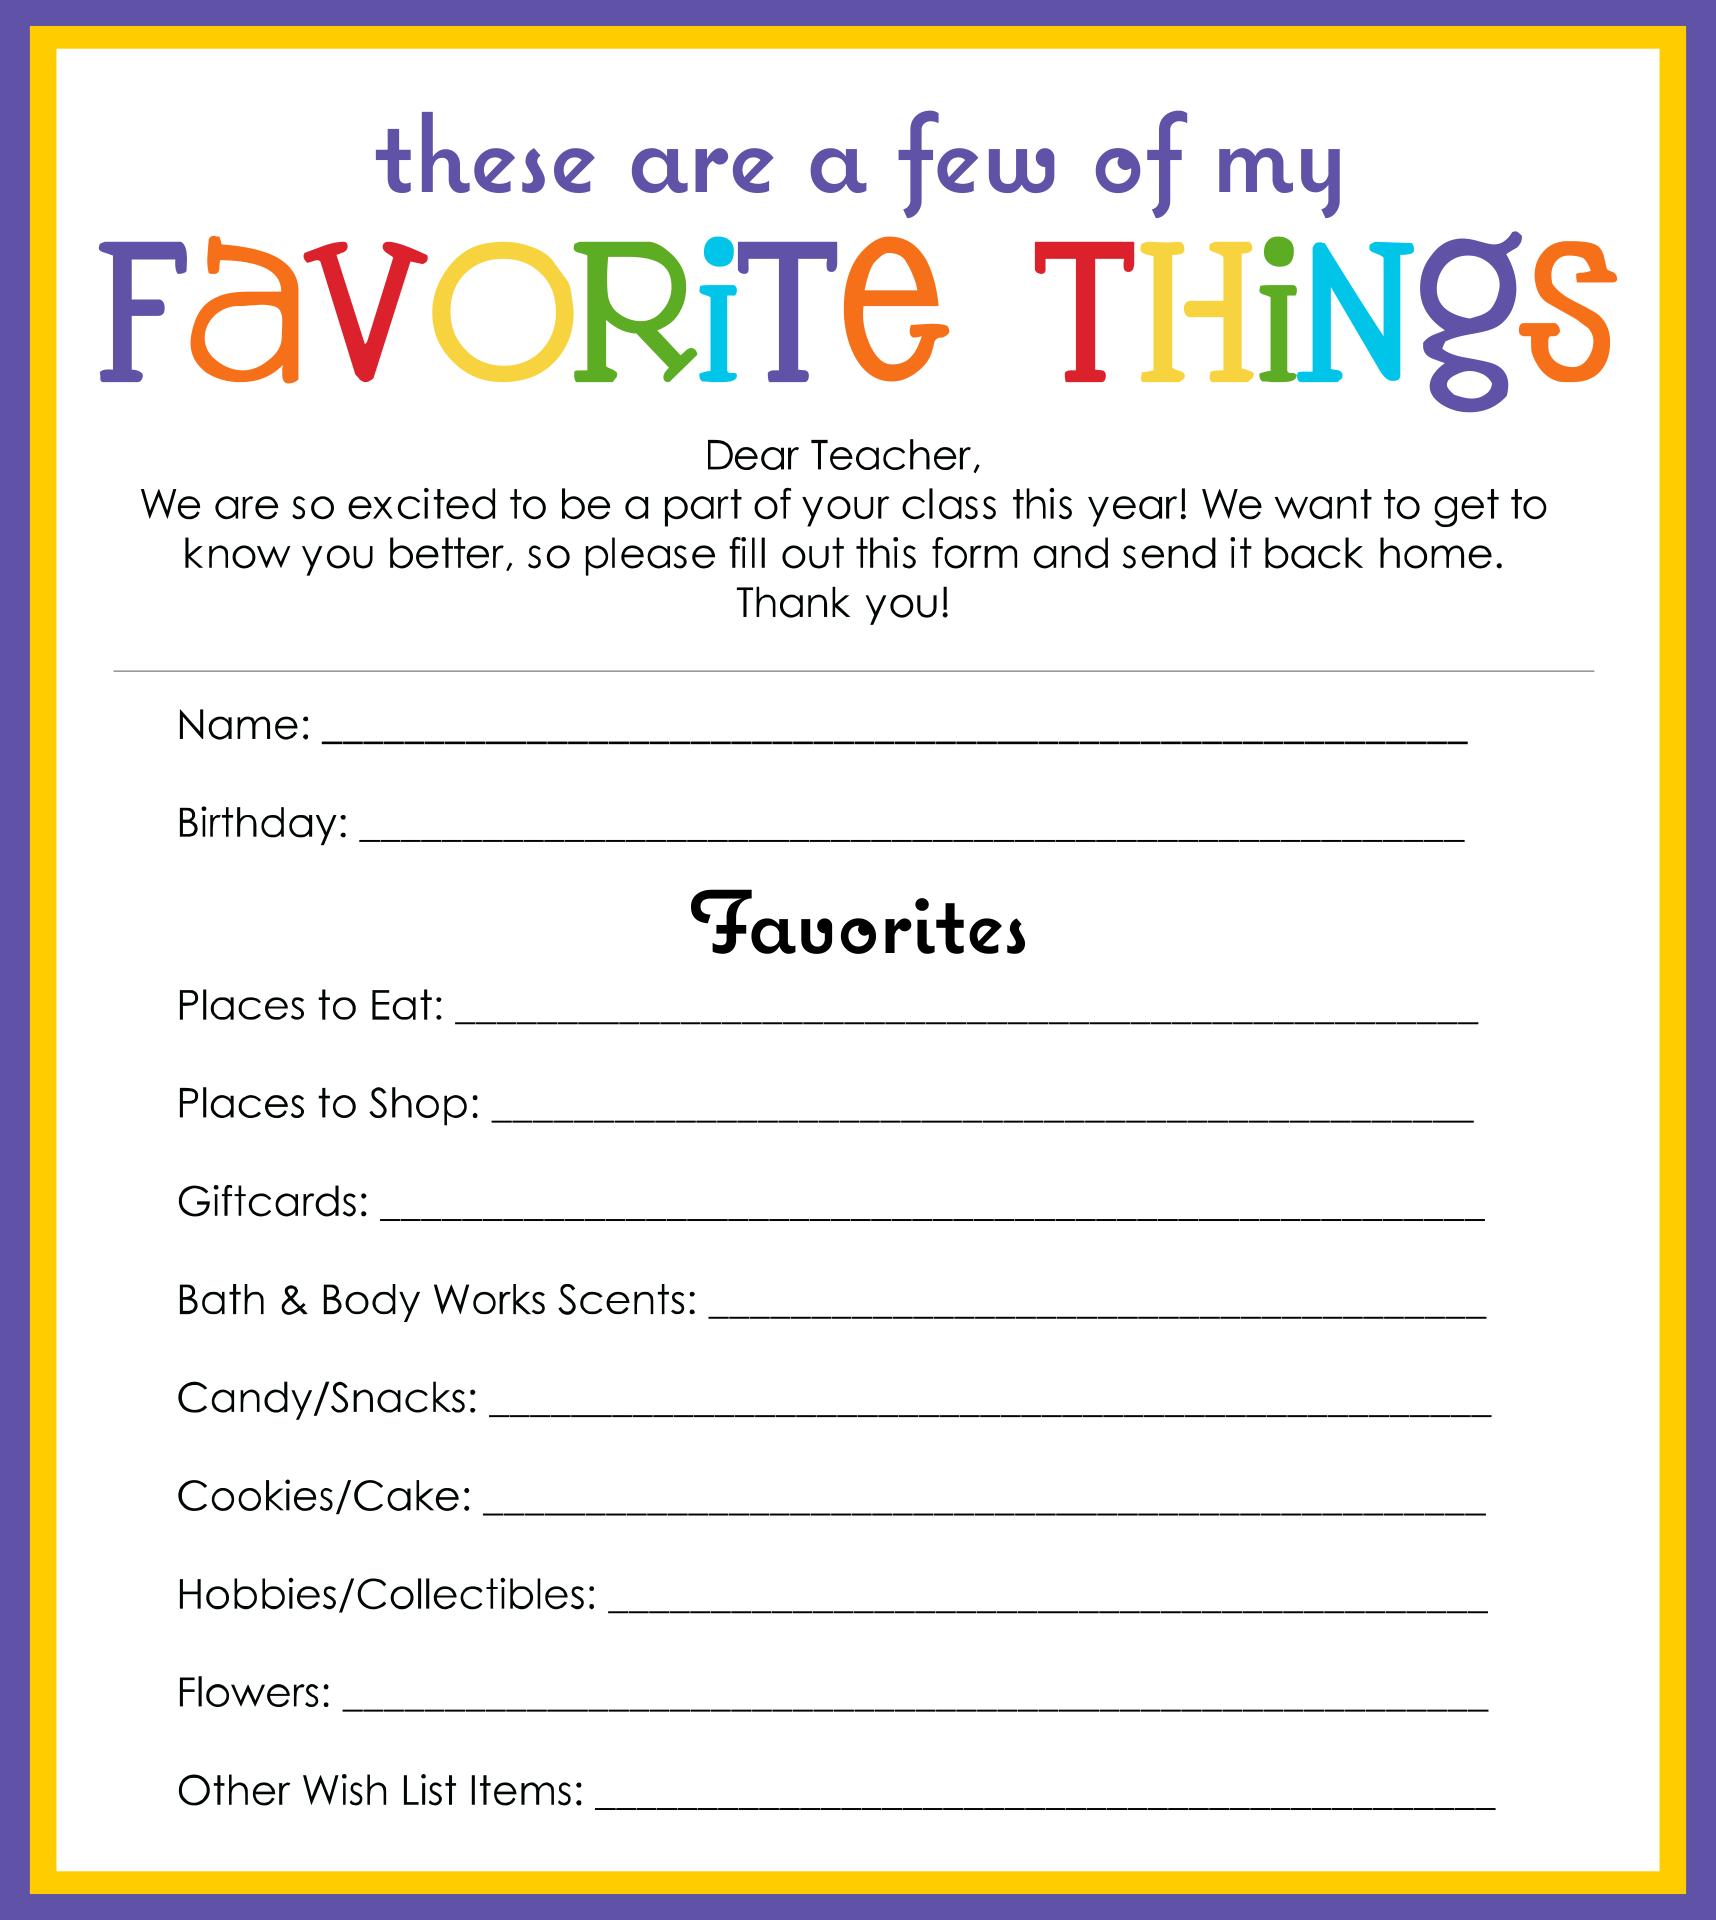 My Favorite Things Template Printable